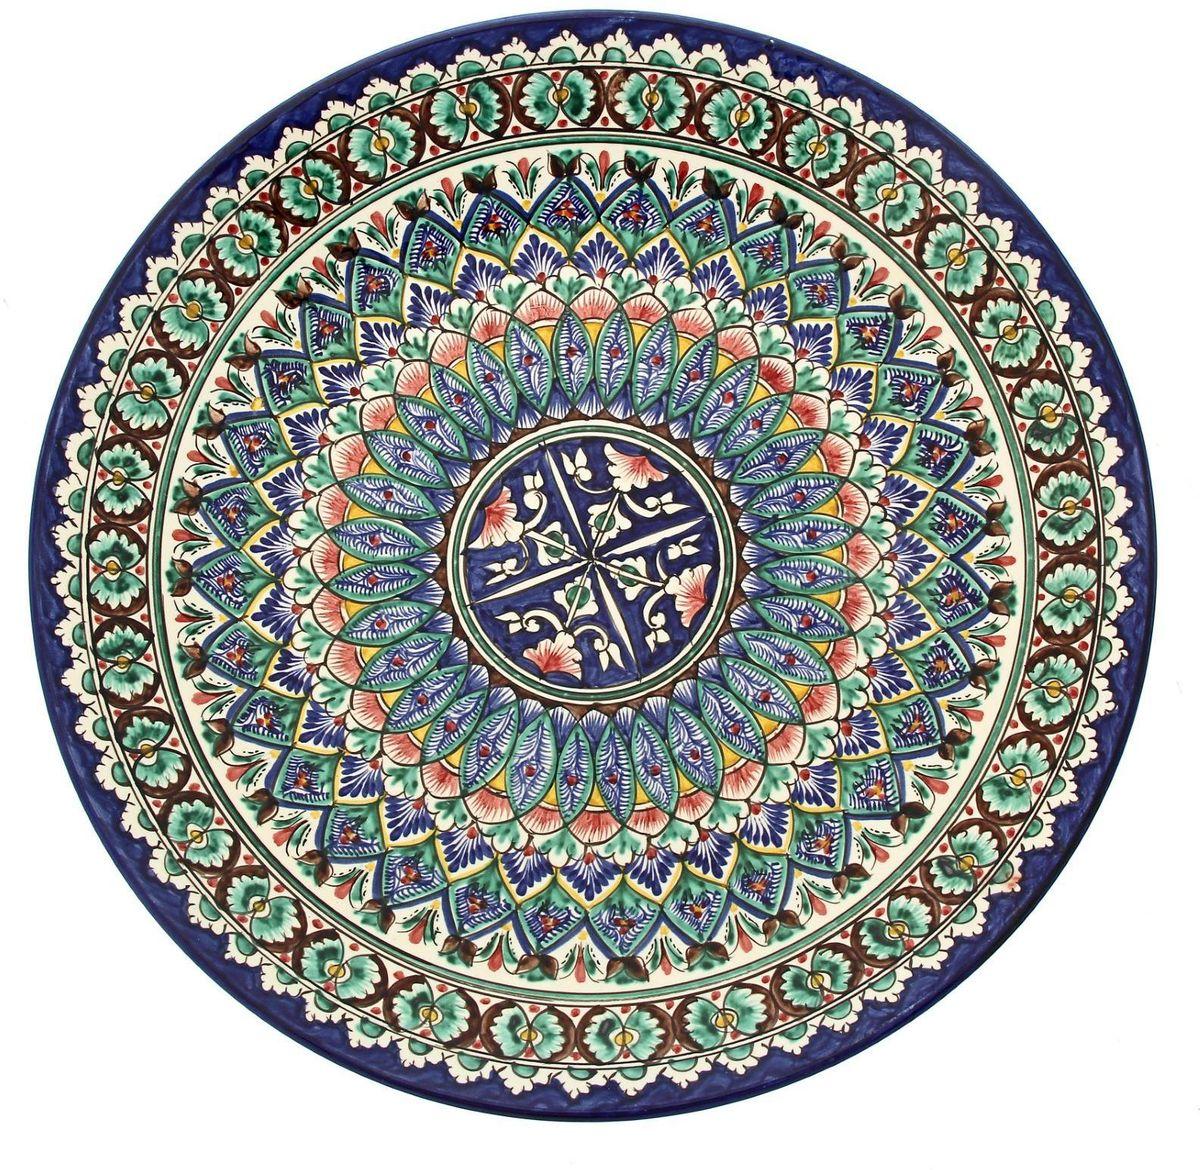 Ляган Риштанская керамика, диаметр 41 см. 19234761923476Ляган — это не просто обеденный атрибут, это украшение стола. Посуда с национальной росписью станет отменным подарком для ценителей высокородной посуды.Риштан — город на востоке Узбекистана, один из древнейших в Ферганской долине. С давних времён Риштан славится своим гончарным искусством изготовления цветной керамики. Красноватую глину для изделия добывают в самом городе. Мастера утверждают, что их глина настолько высокого качества, что даже не нуждается в предварительной обработке. Дополните коллекцию кухонных аксессуаров пряными восточными нотами.